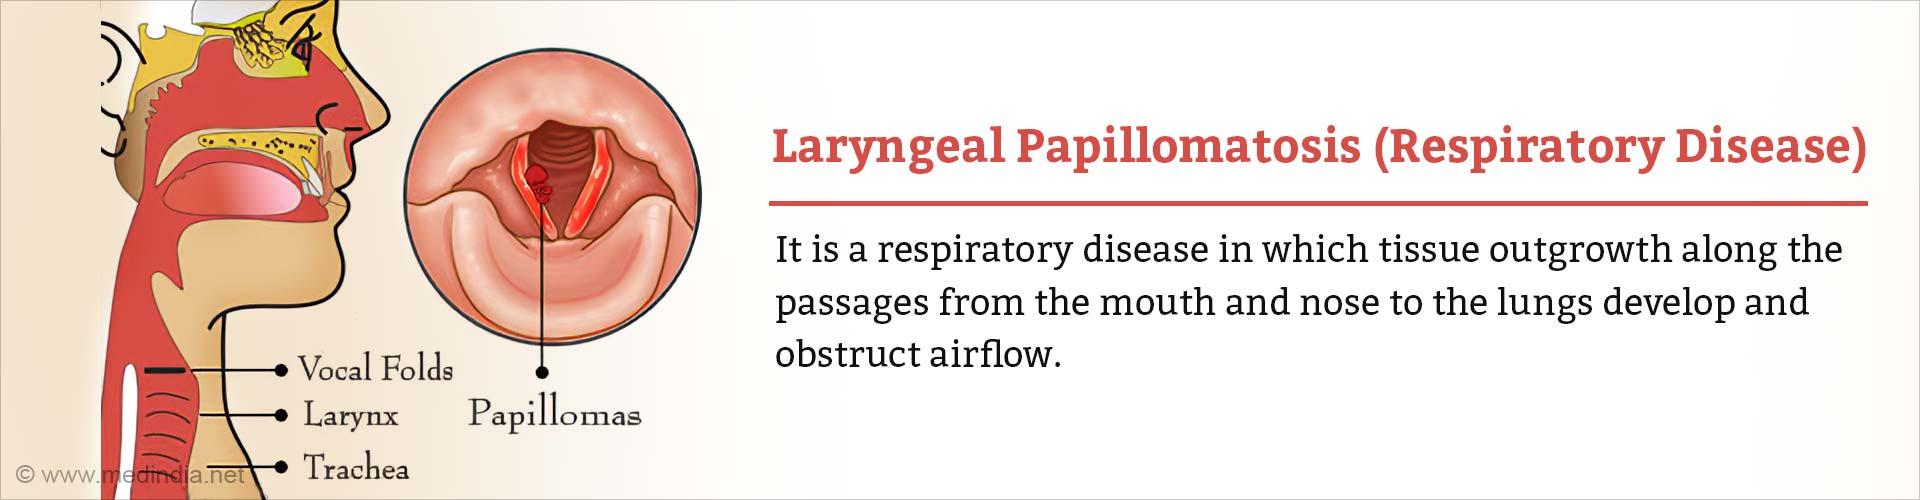 Laryngeal Papillomatosis